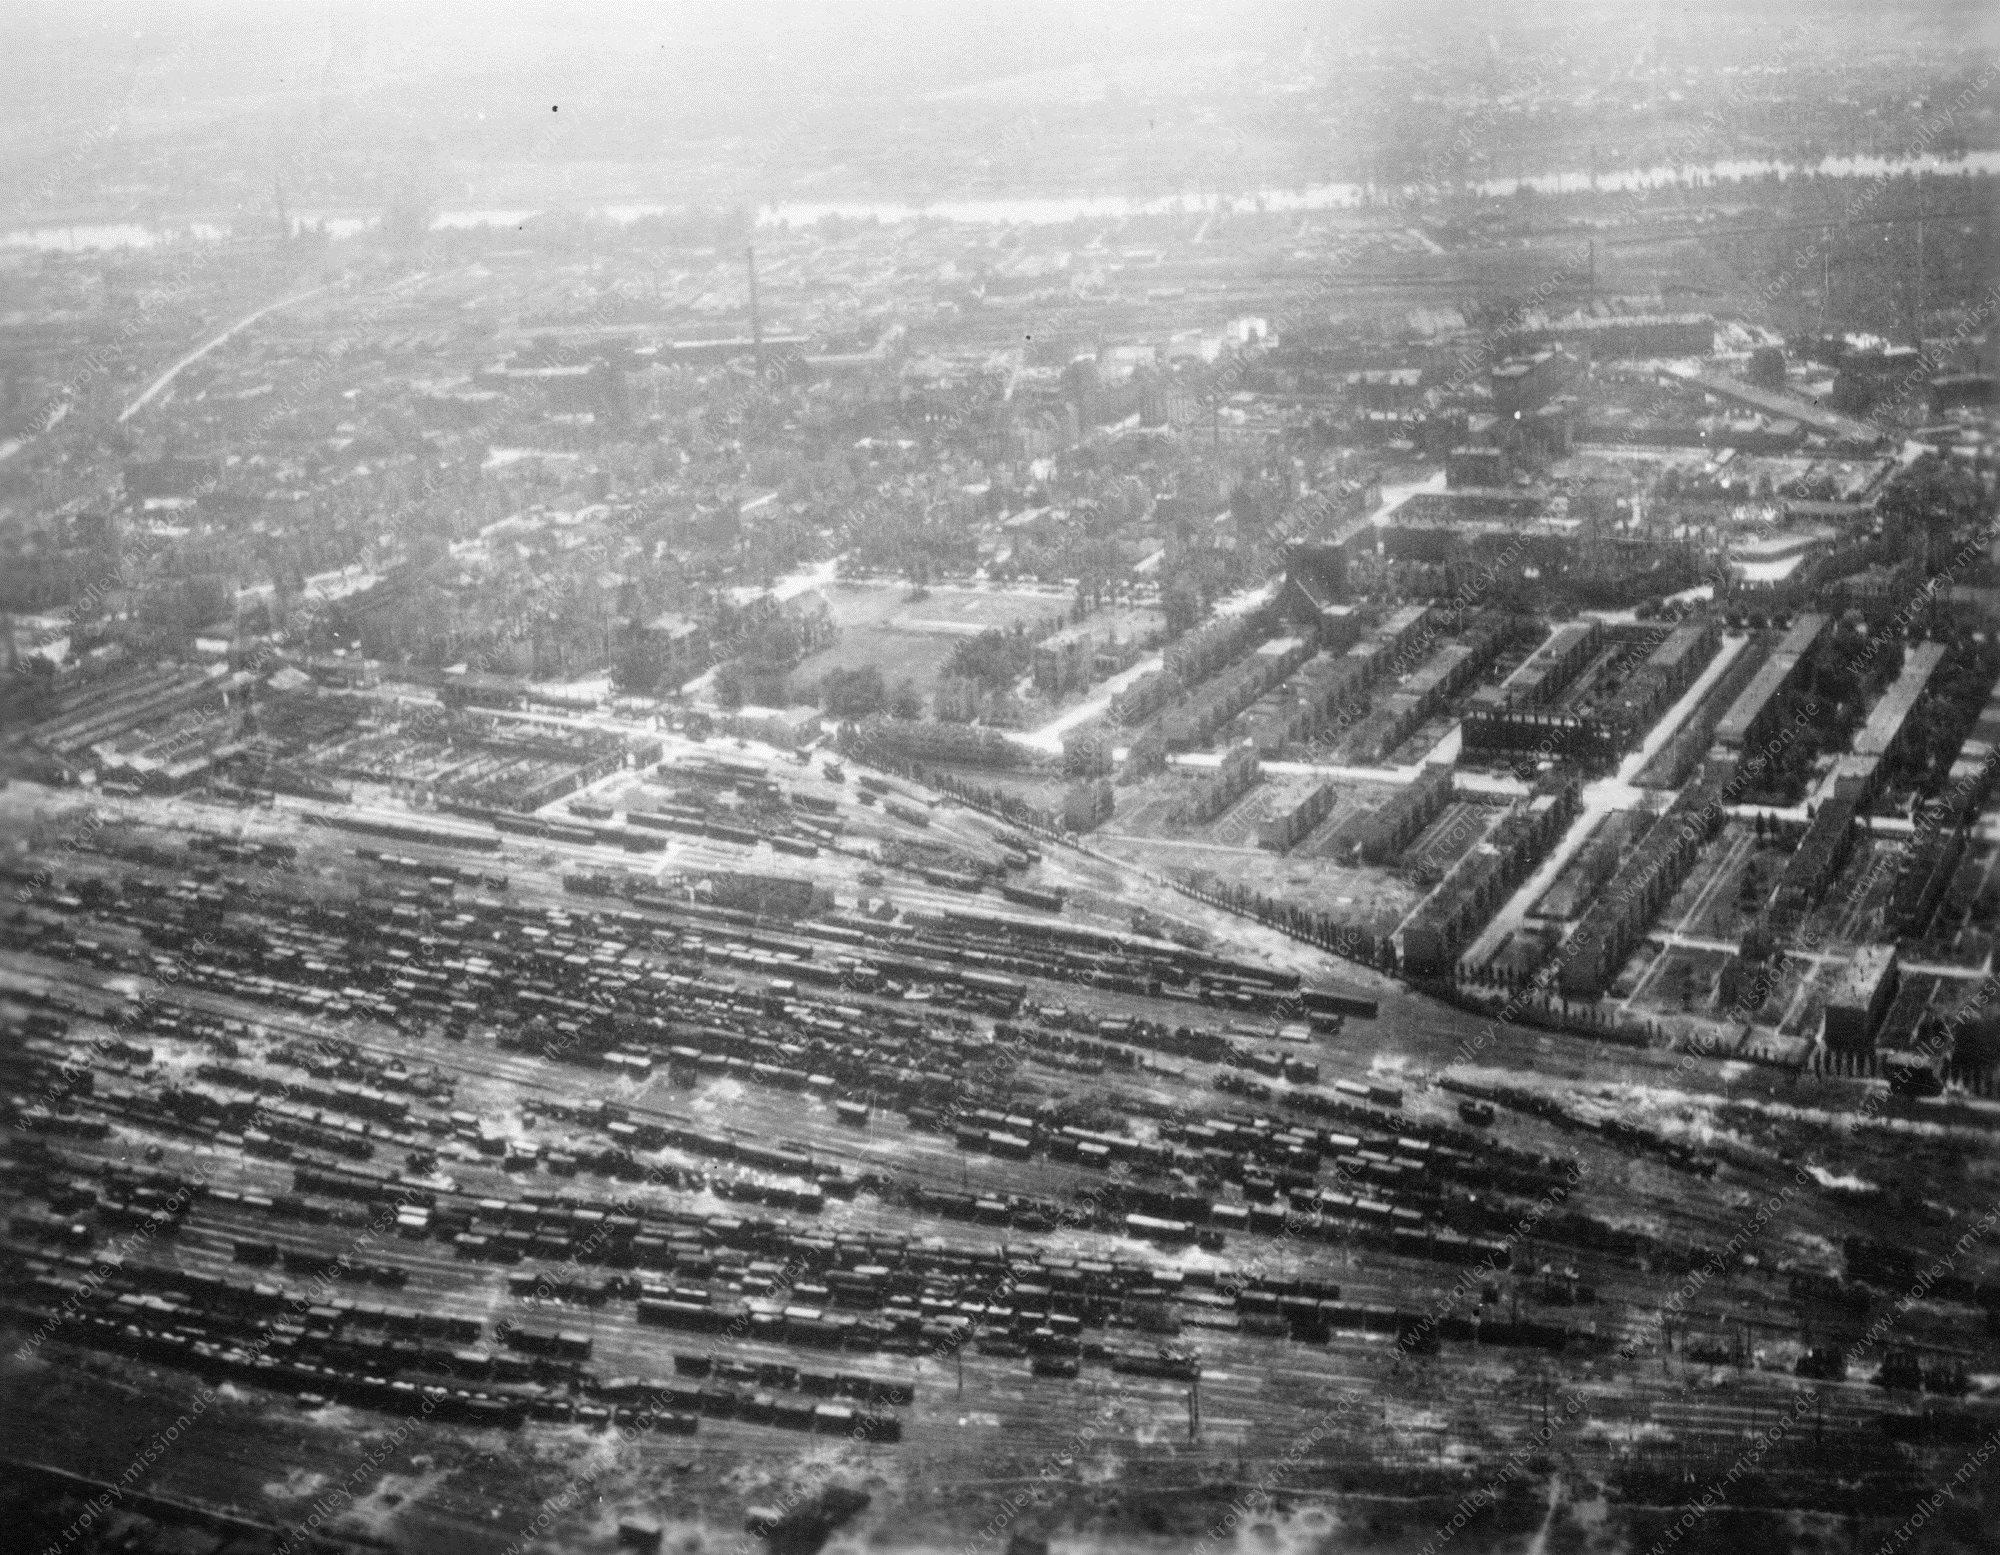 Luftbild Güterbahnhof Frankfurt am Main